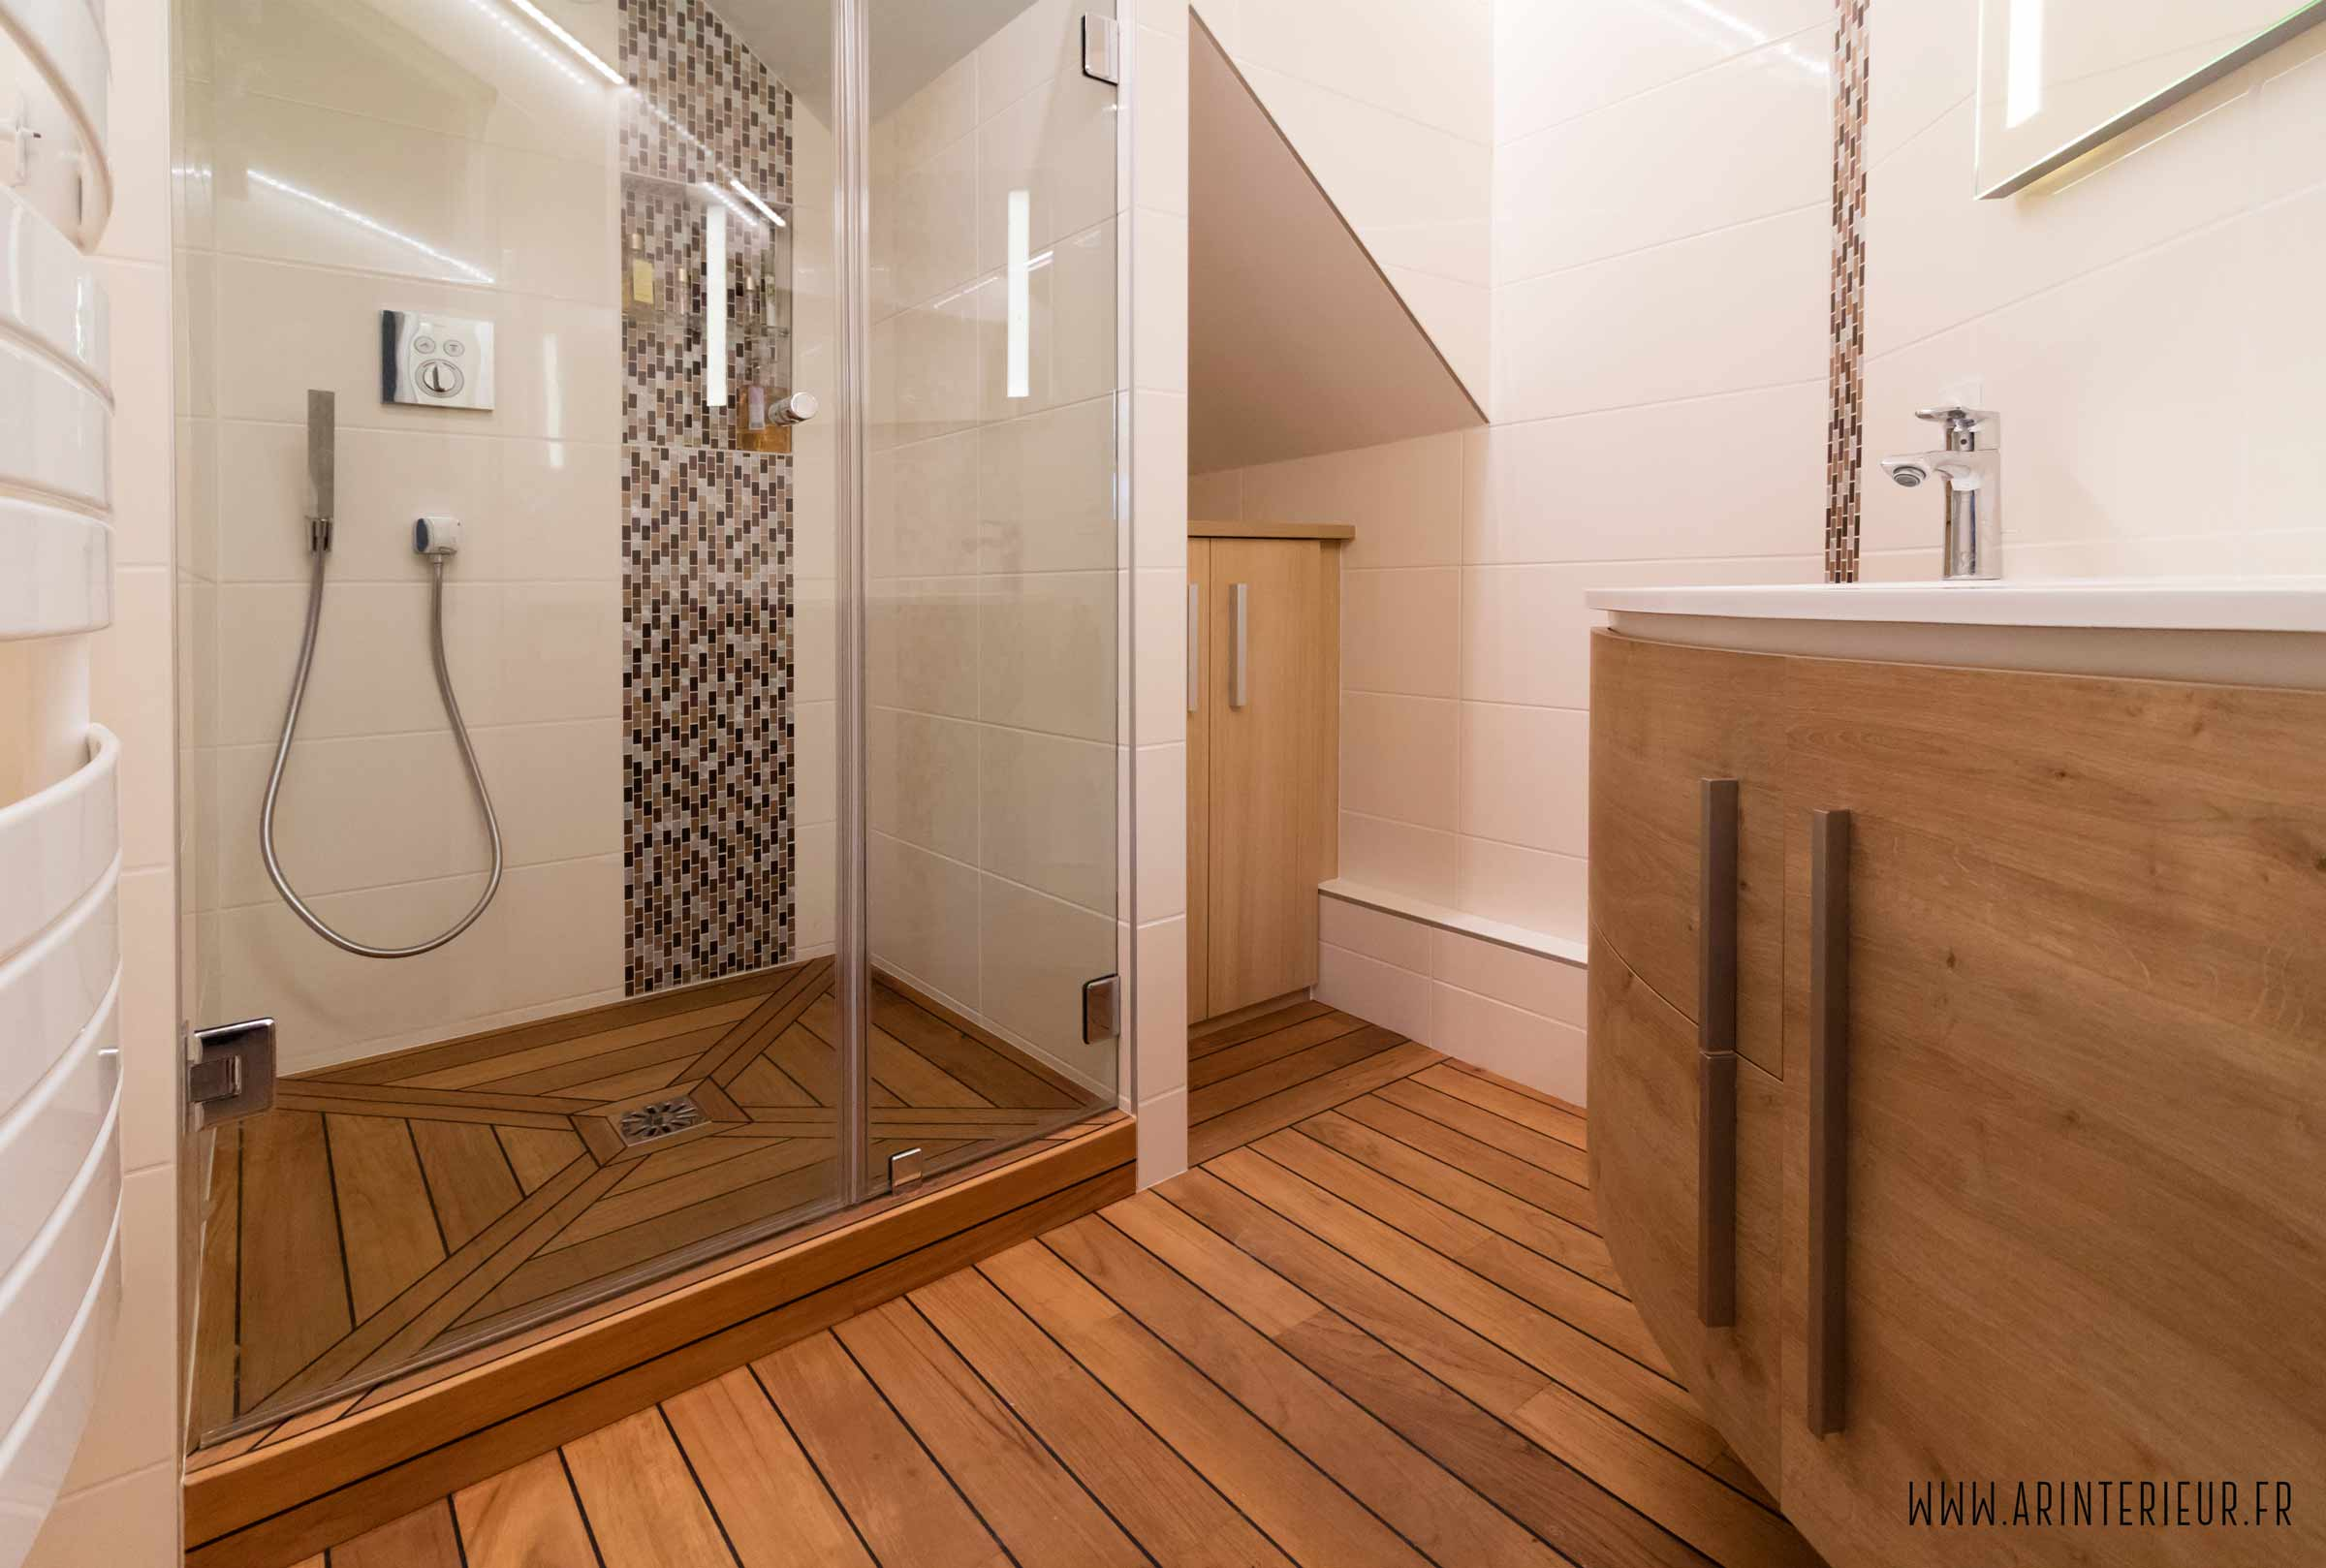 Rénovation d'une petite salle de bain : teck, pont de bateau et robinetterie encastrée.